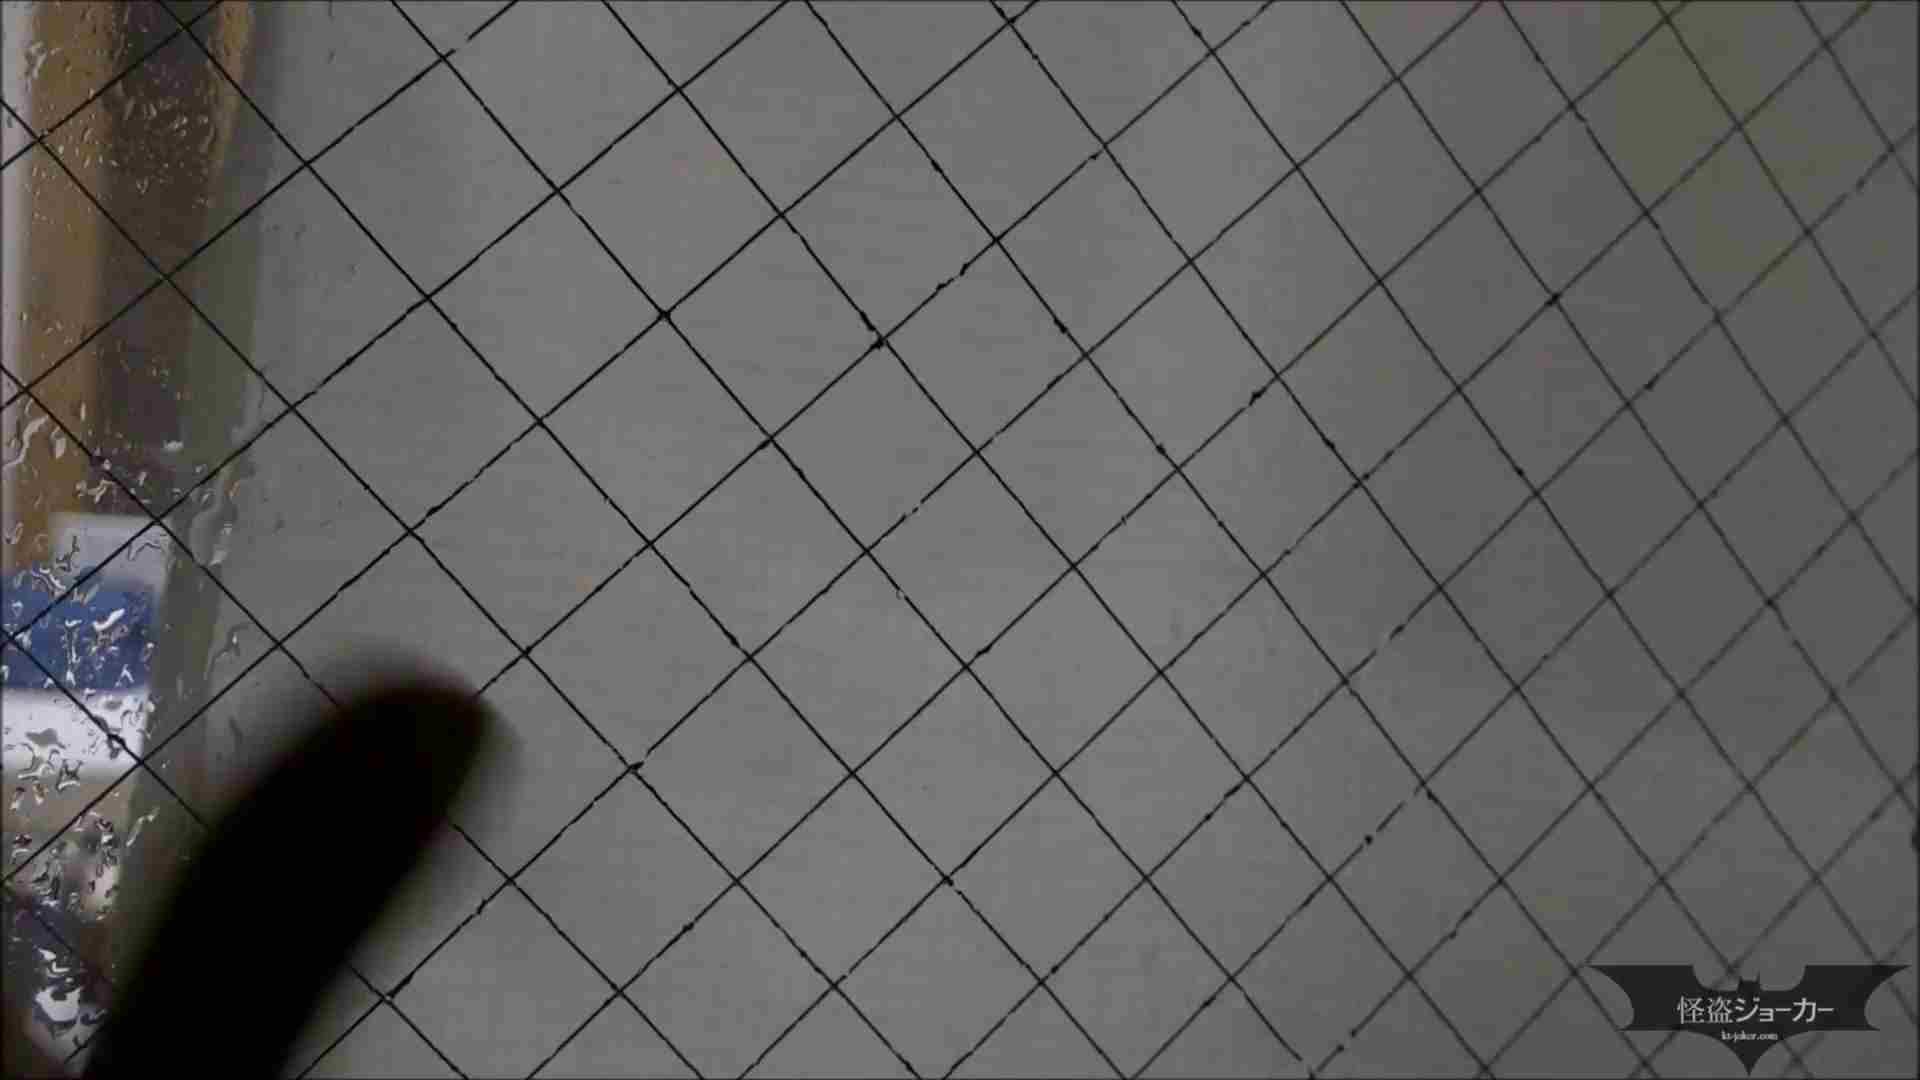 覗き見 Vol.2 【覗き見】♀友達のオナニー。-美人OL- いじくり AV動画キャプチャ 107画像 29